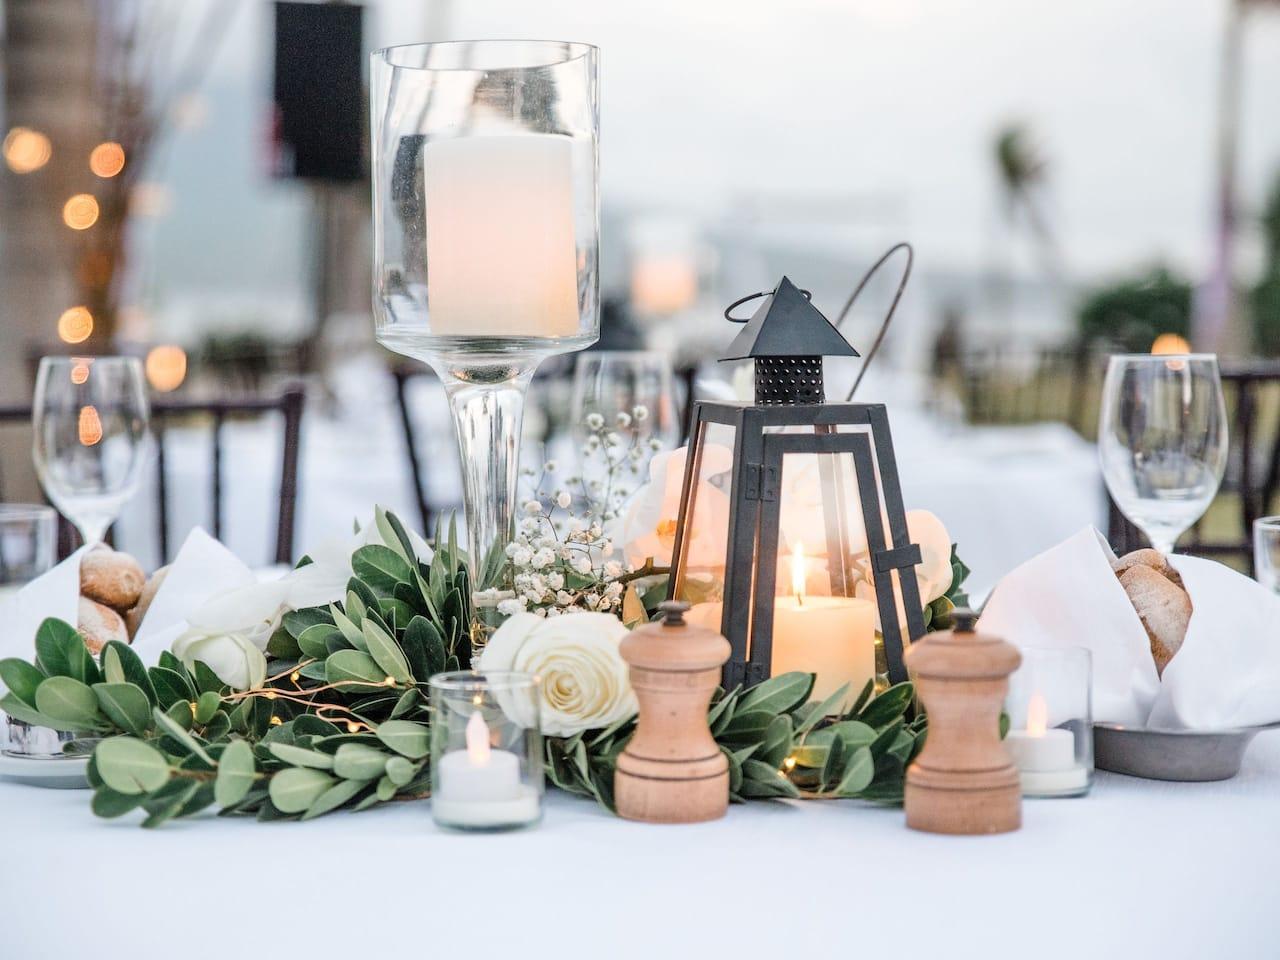 Park Hyatt St. Kitts Christophe Harbour Destination Weddings